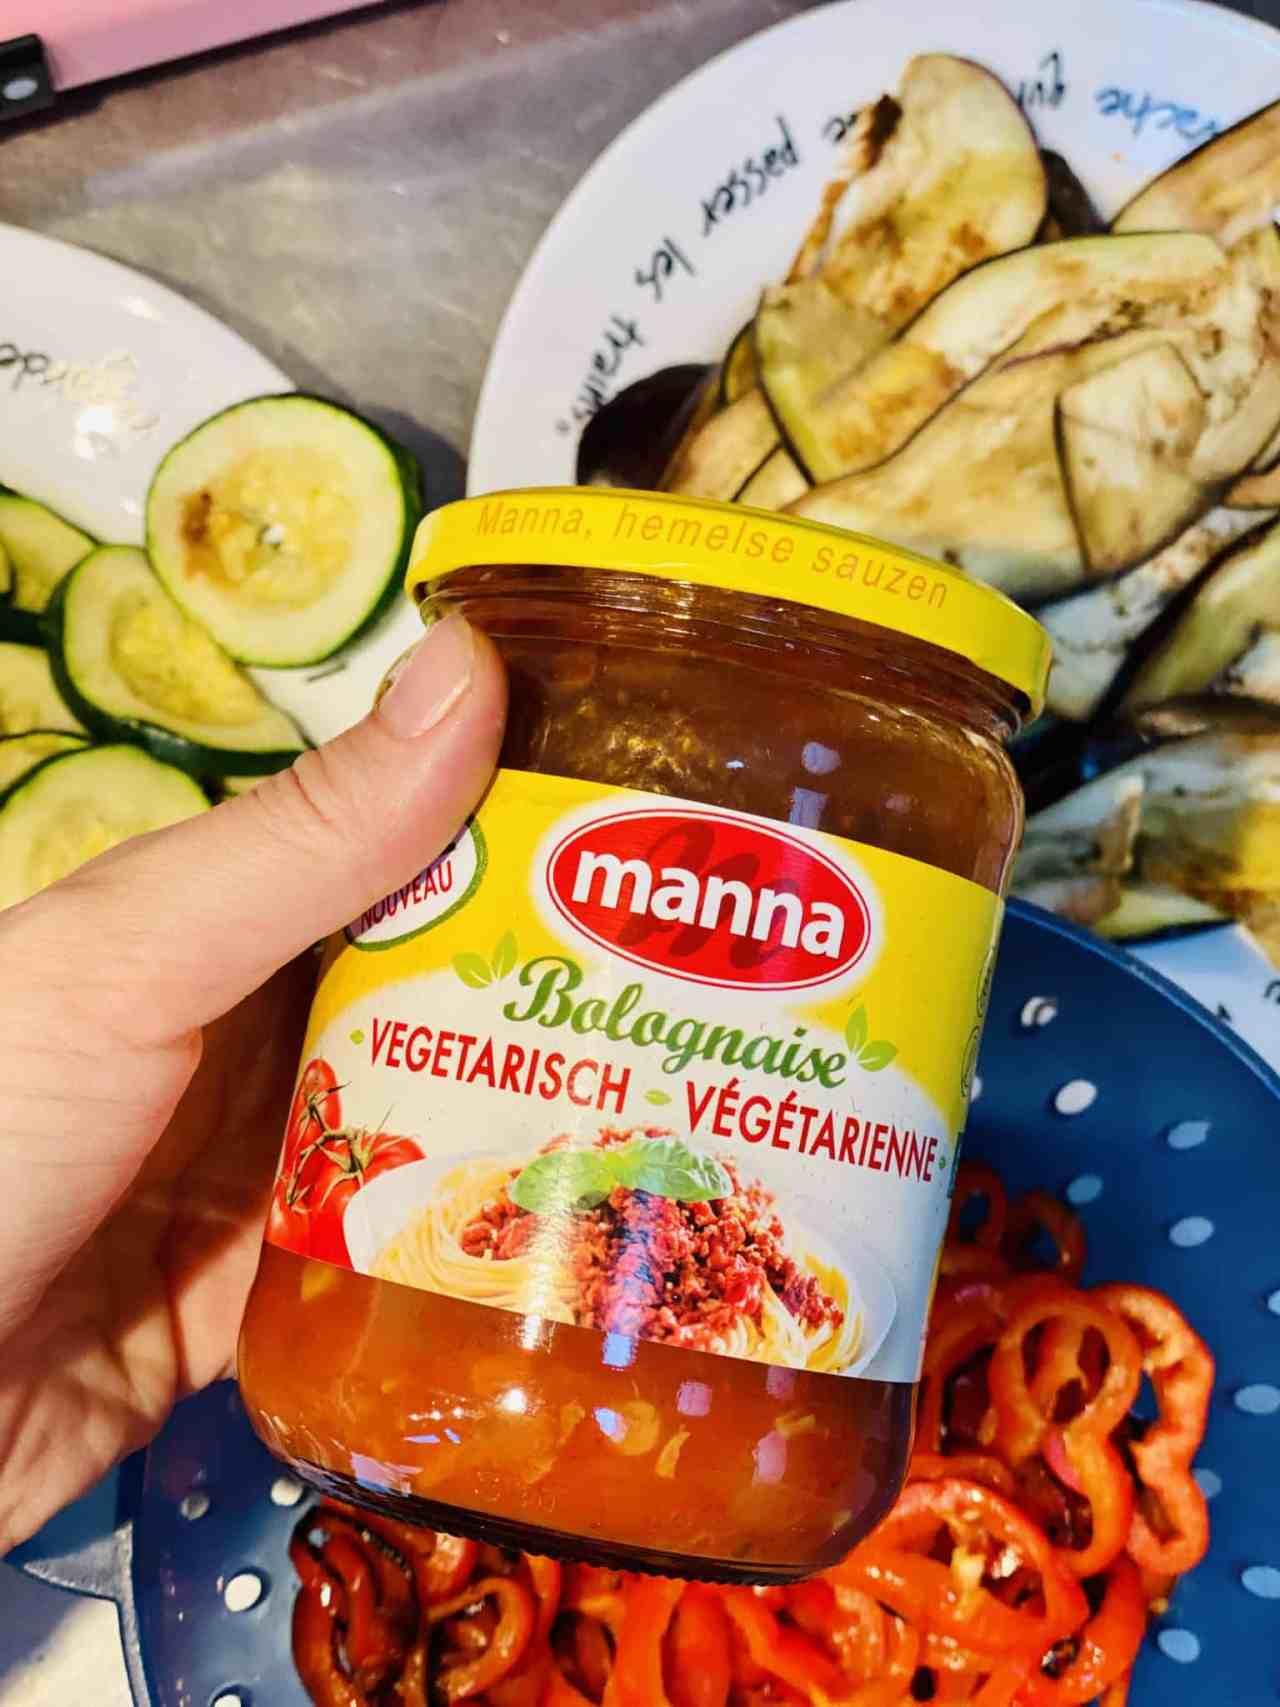 manna vegetarische bolognaise